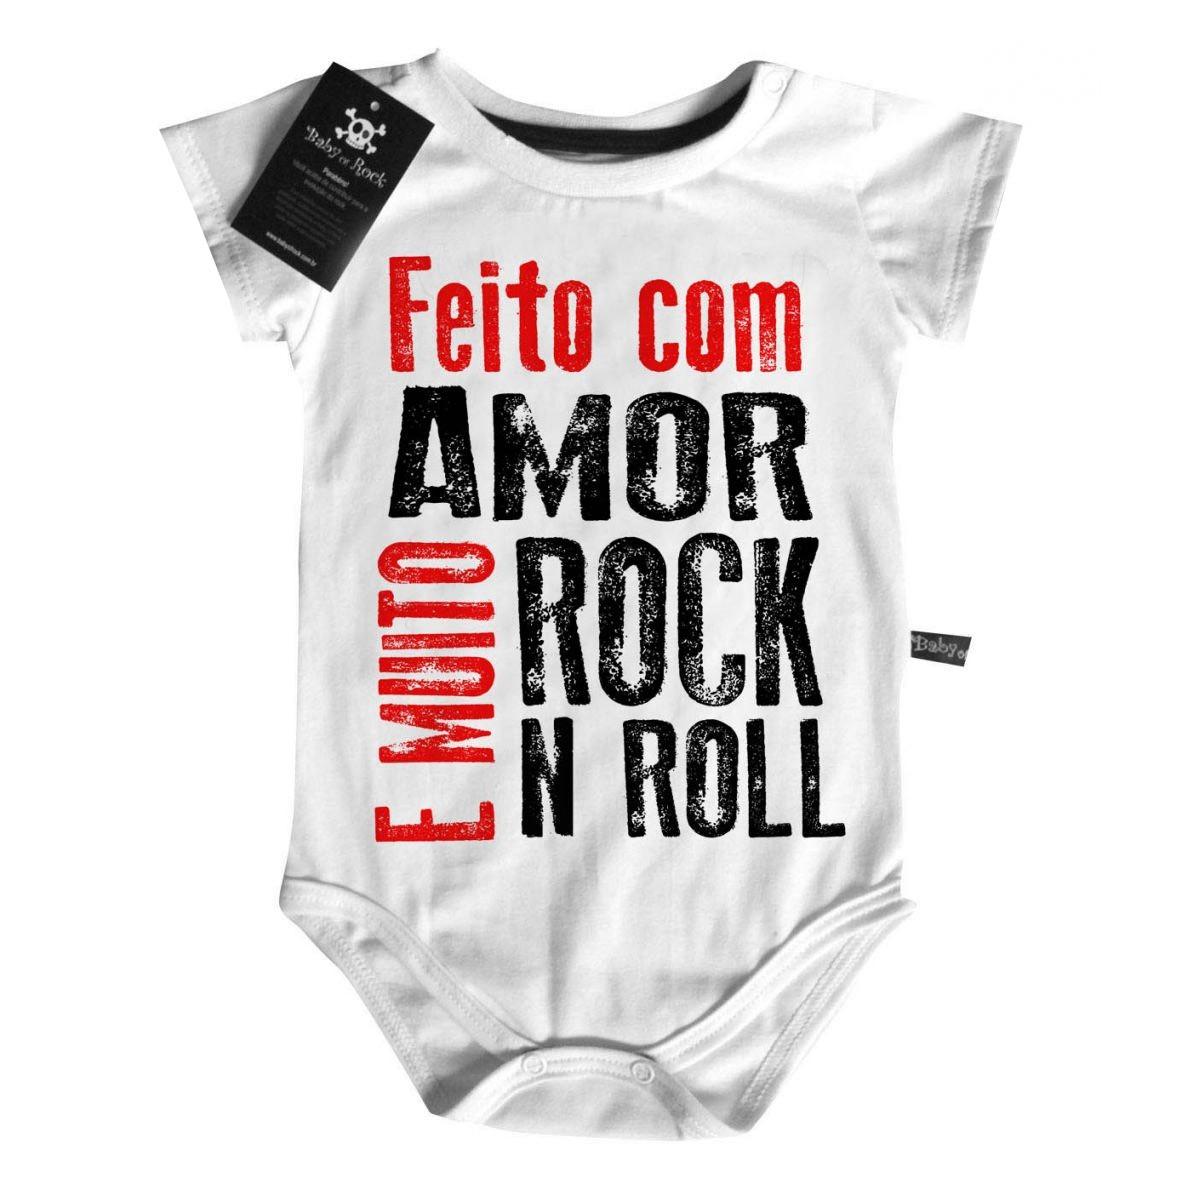 Body Baby Rock -  Feito com amor e Rock n